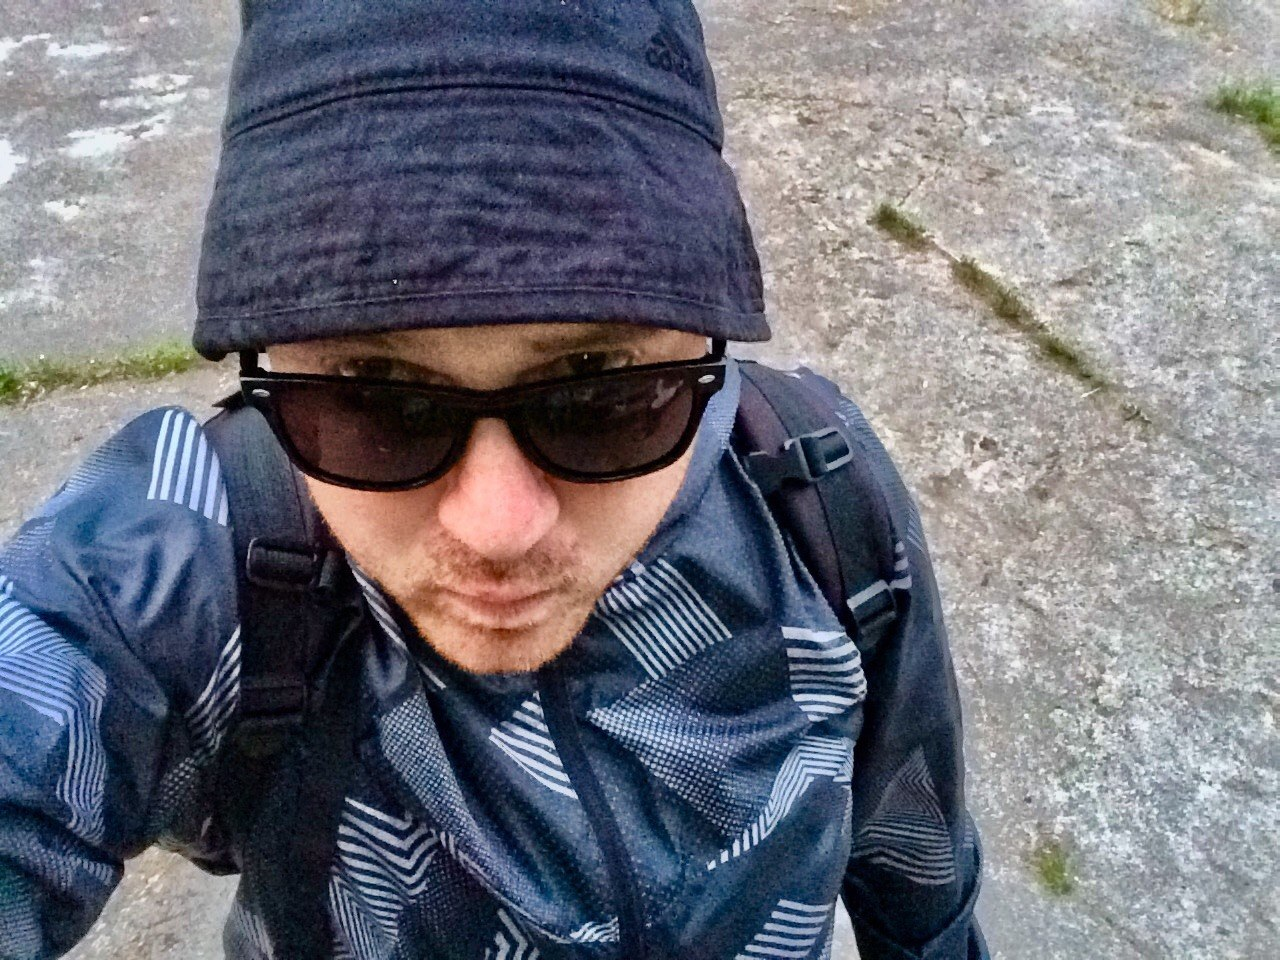 """Премьера! XXZP. Ft. FAKIR и KOKS, РОЖИ, Честер (Небро) представили совместный трек """"Антикварный"""" с нового альбома XXZP. (2018 г.)"""